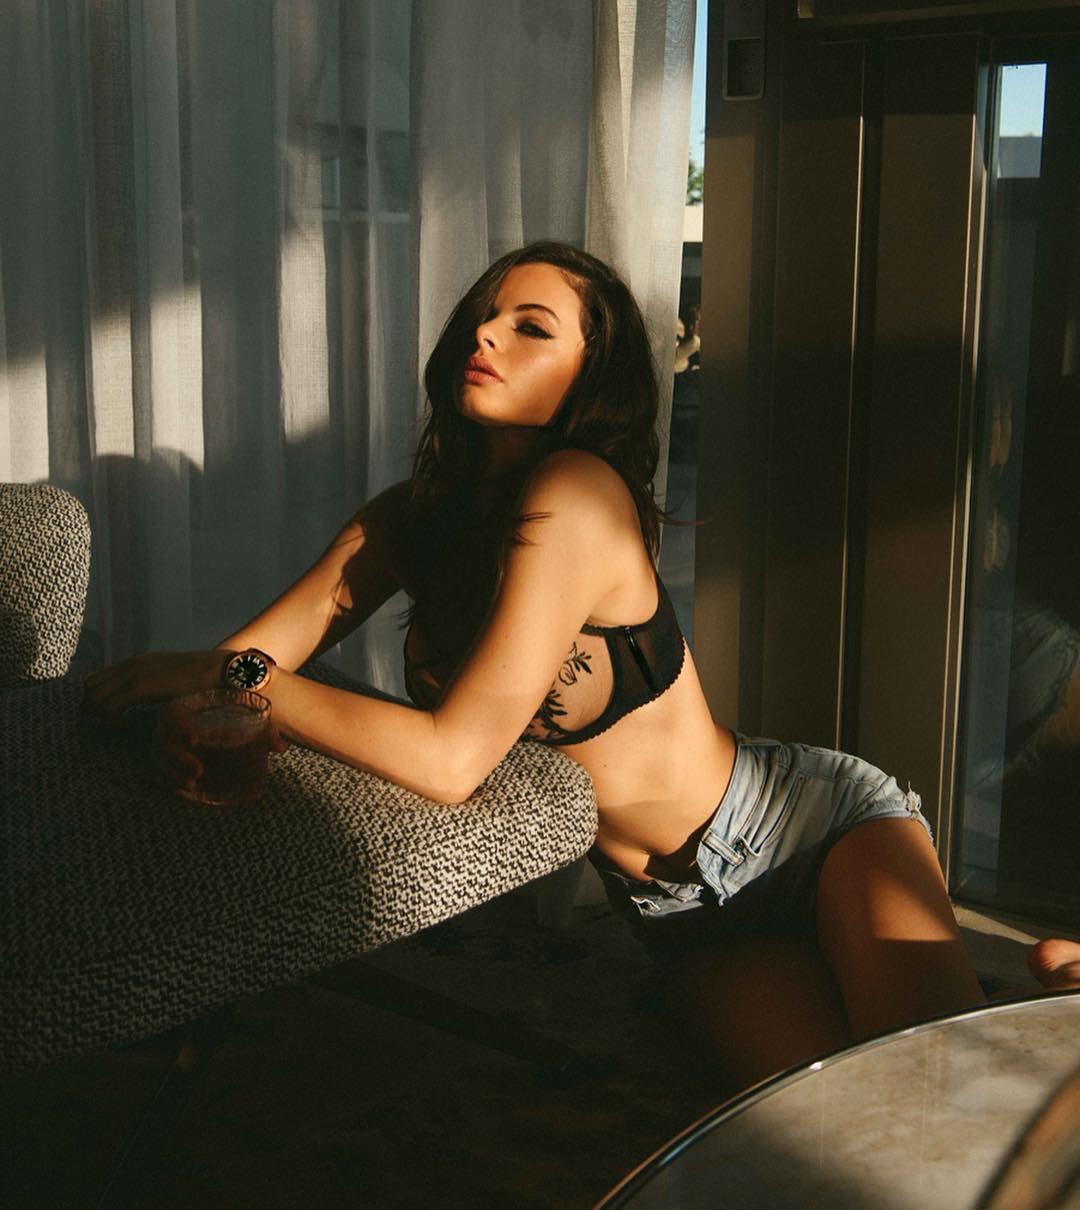 Эскорт модель Сара